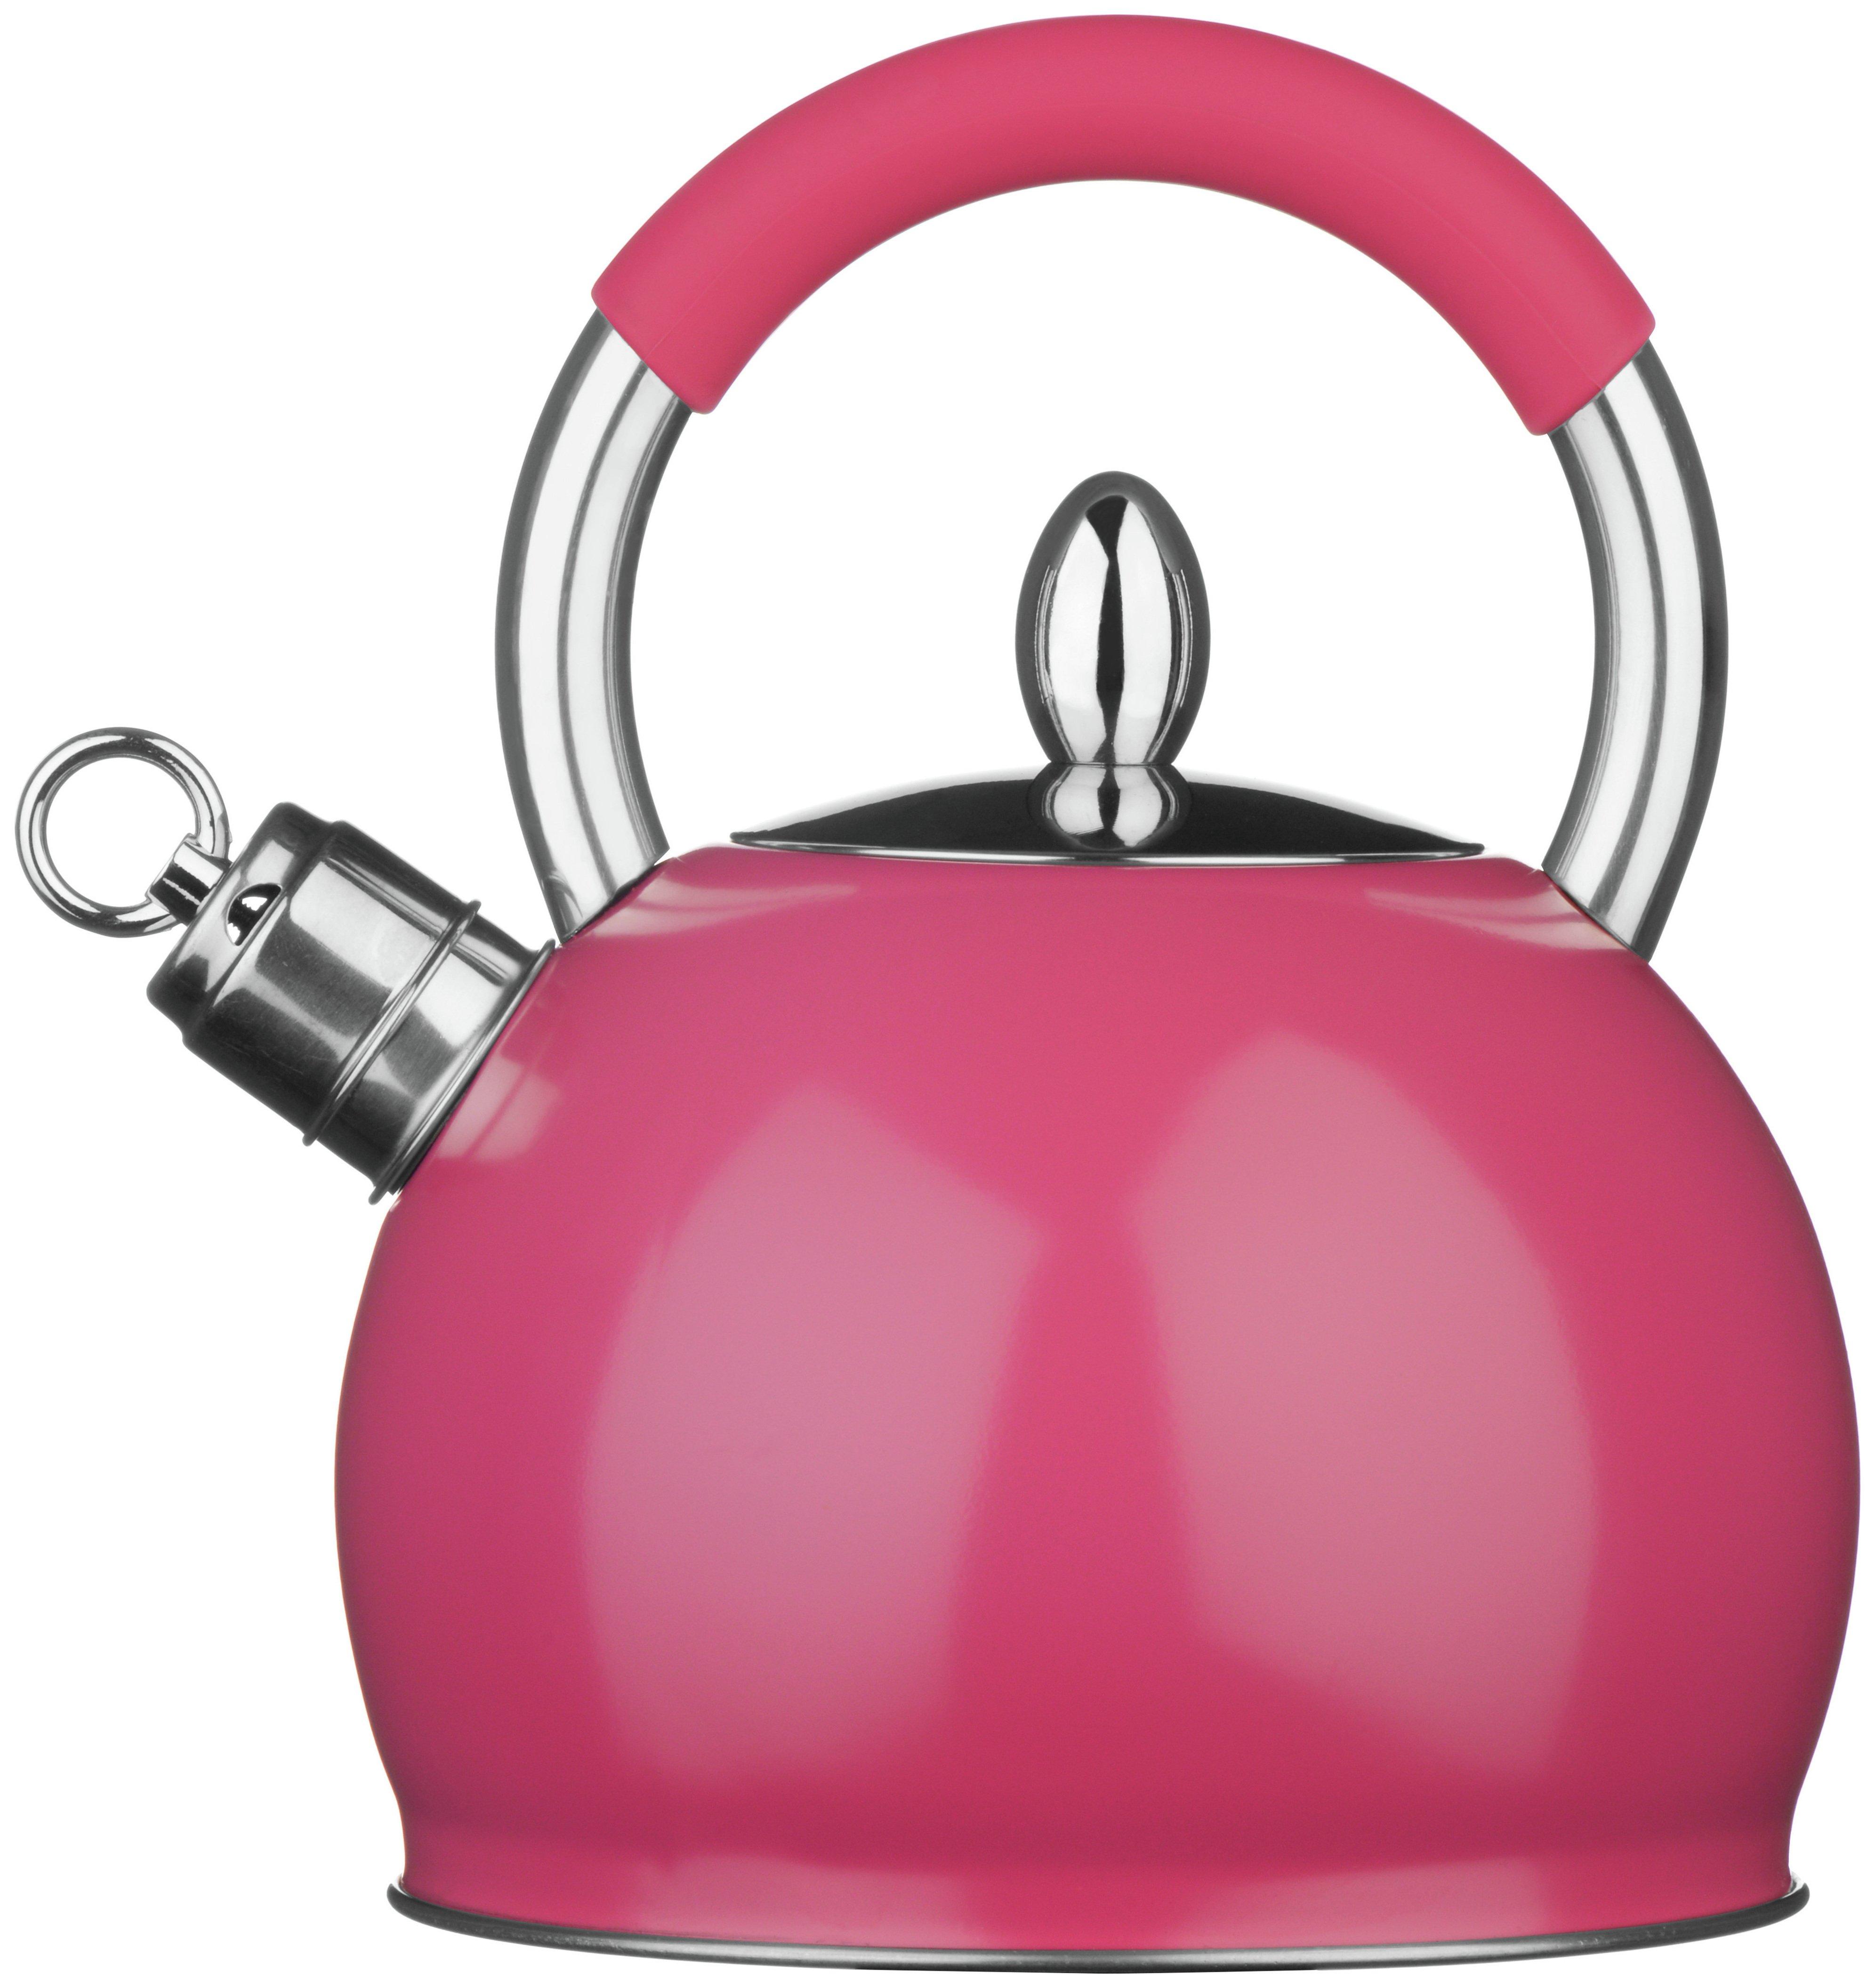 premier housewares stove top whistling kettle pink kettles. Black Bedroom Furniture Sets. Home Design Ideas